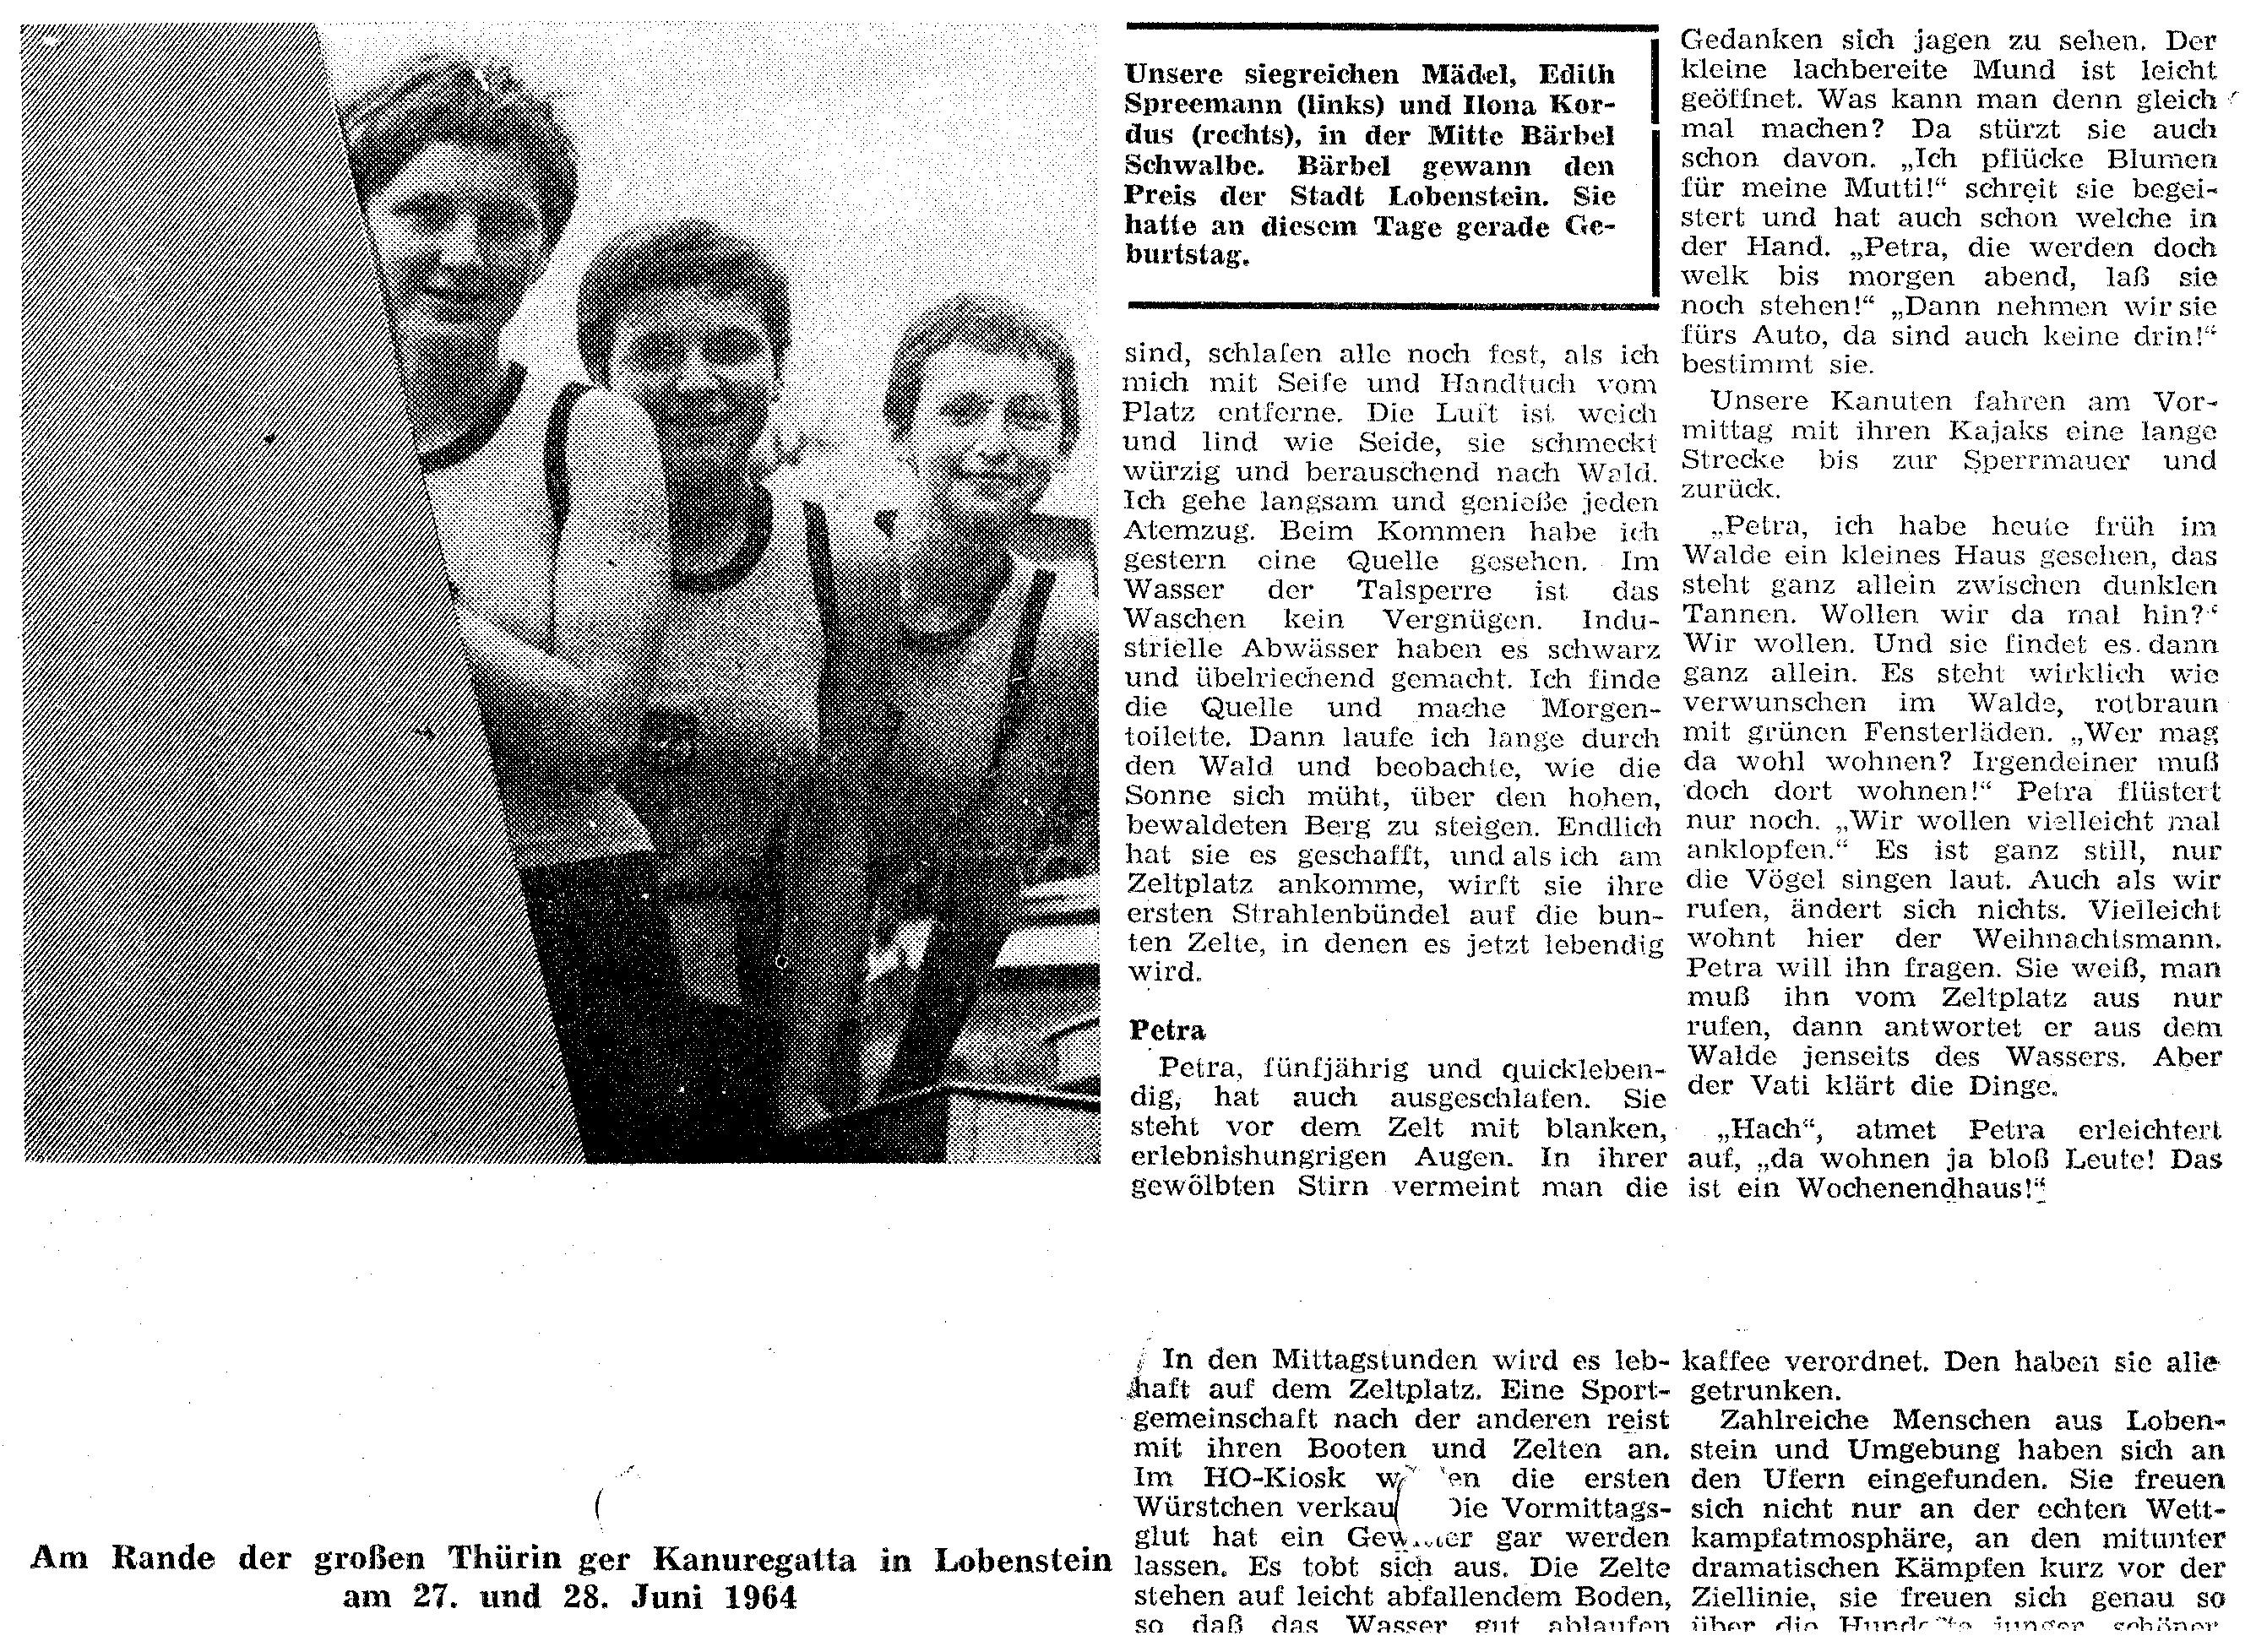 1964-06-27 Kanuregattta Lobenstein